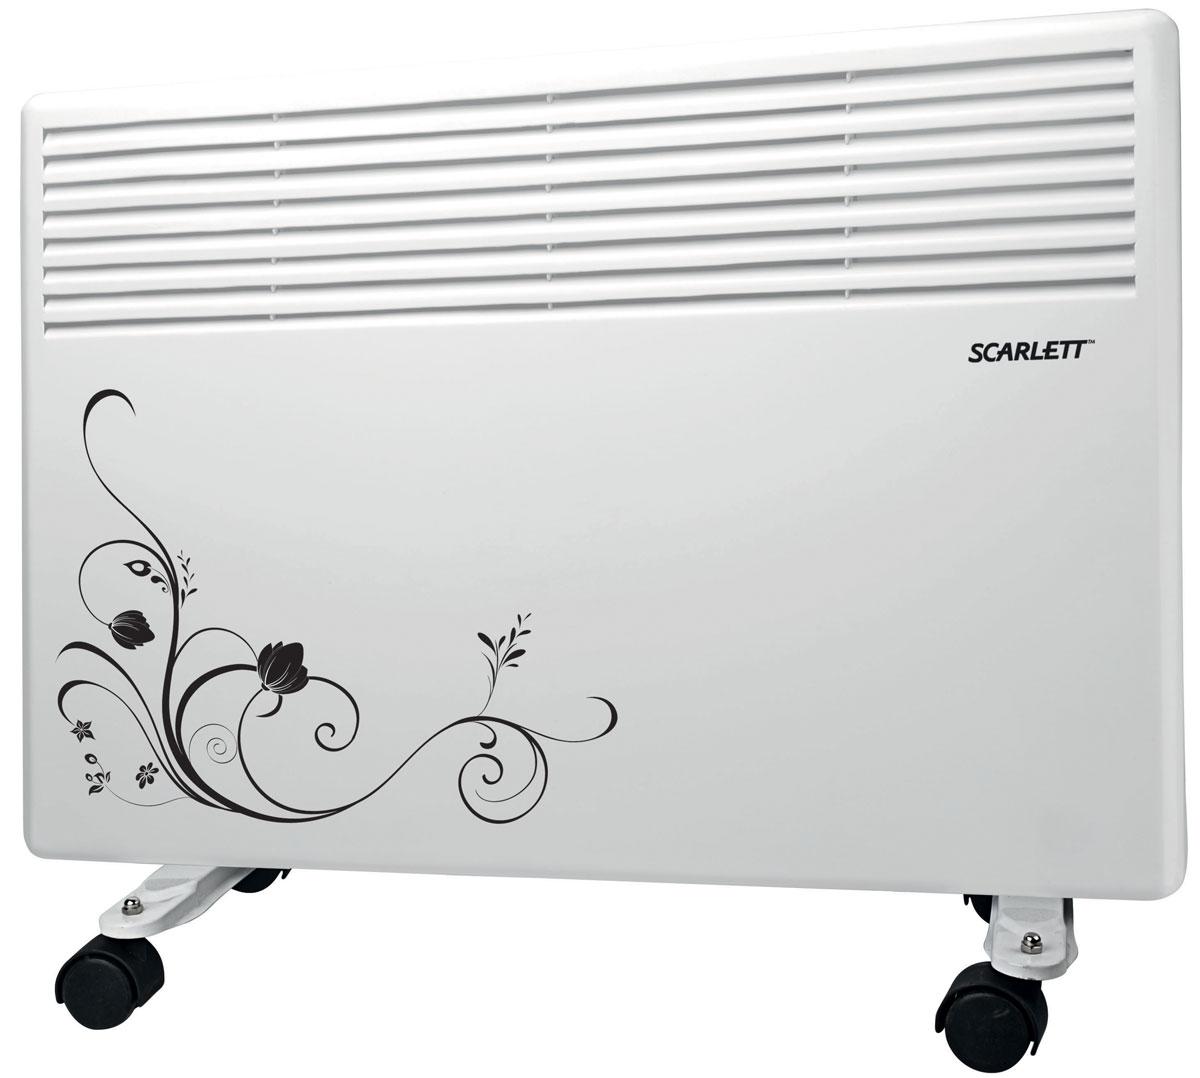 все цены на Scarlett SC-2158 обогреватель онлайн